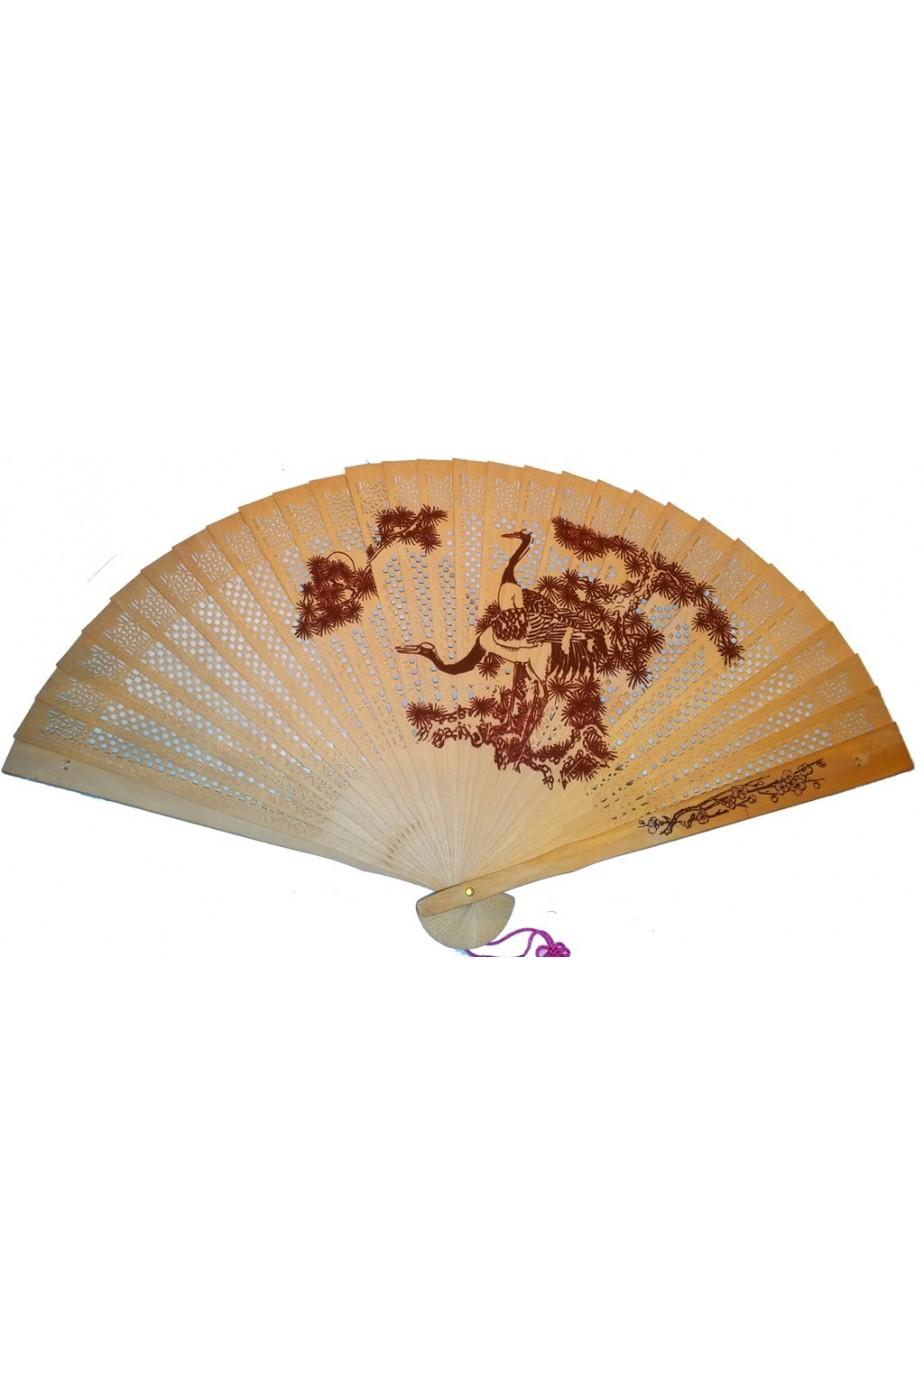 Ventaglio stile giapponese o cinese richiudibile